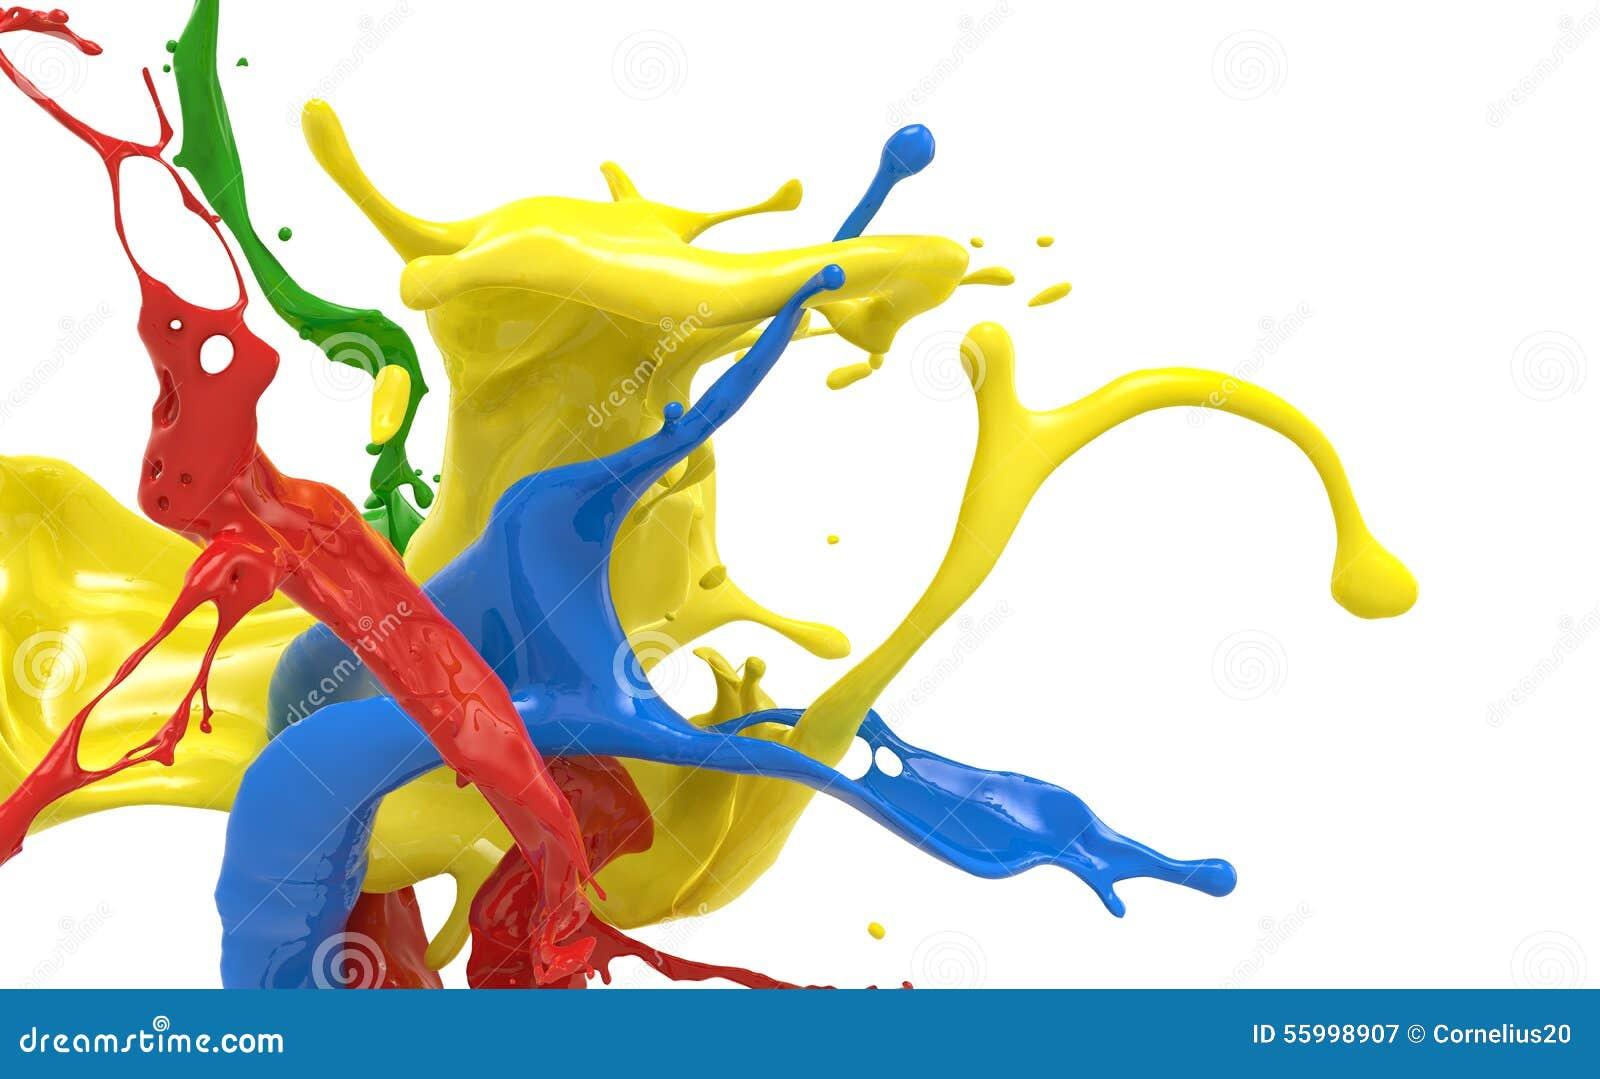 Spritzen von Farben